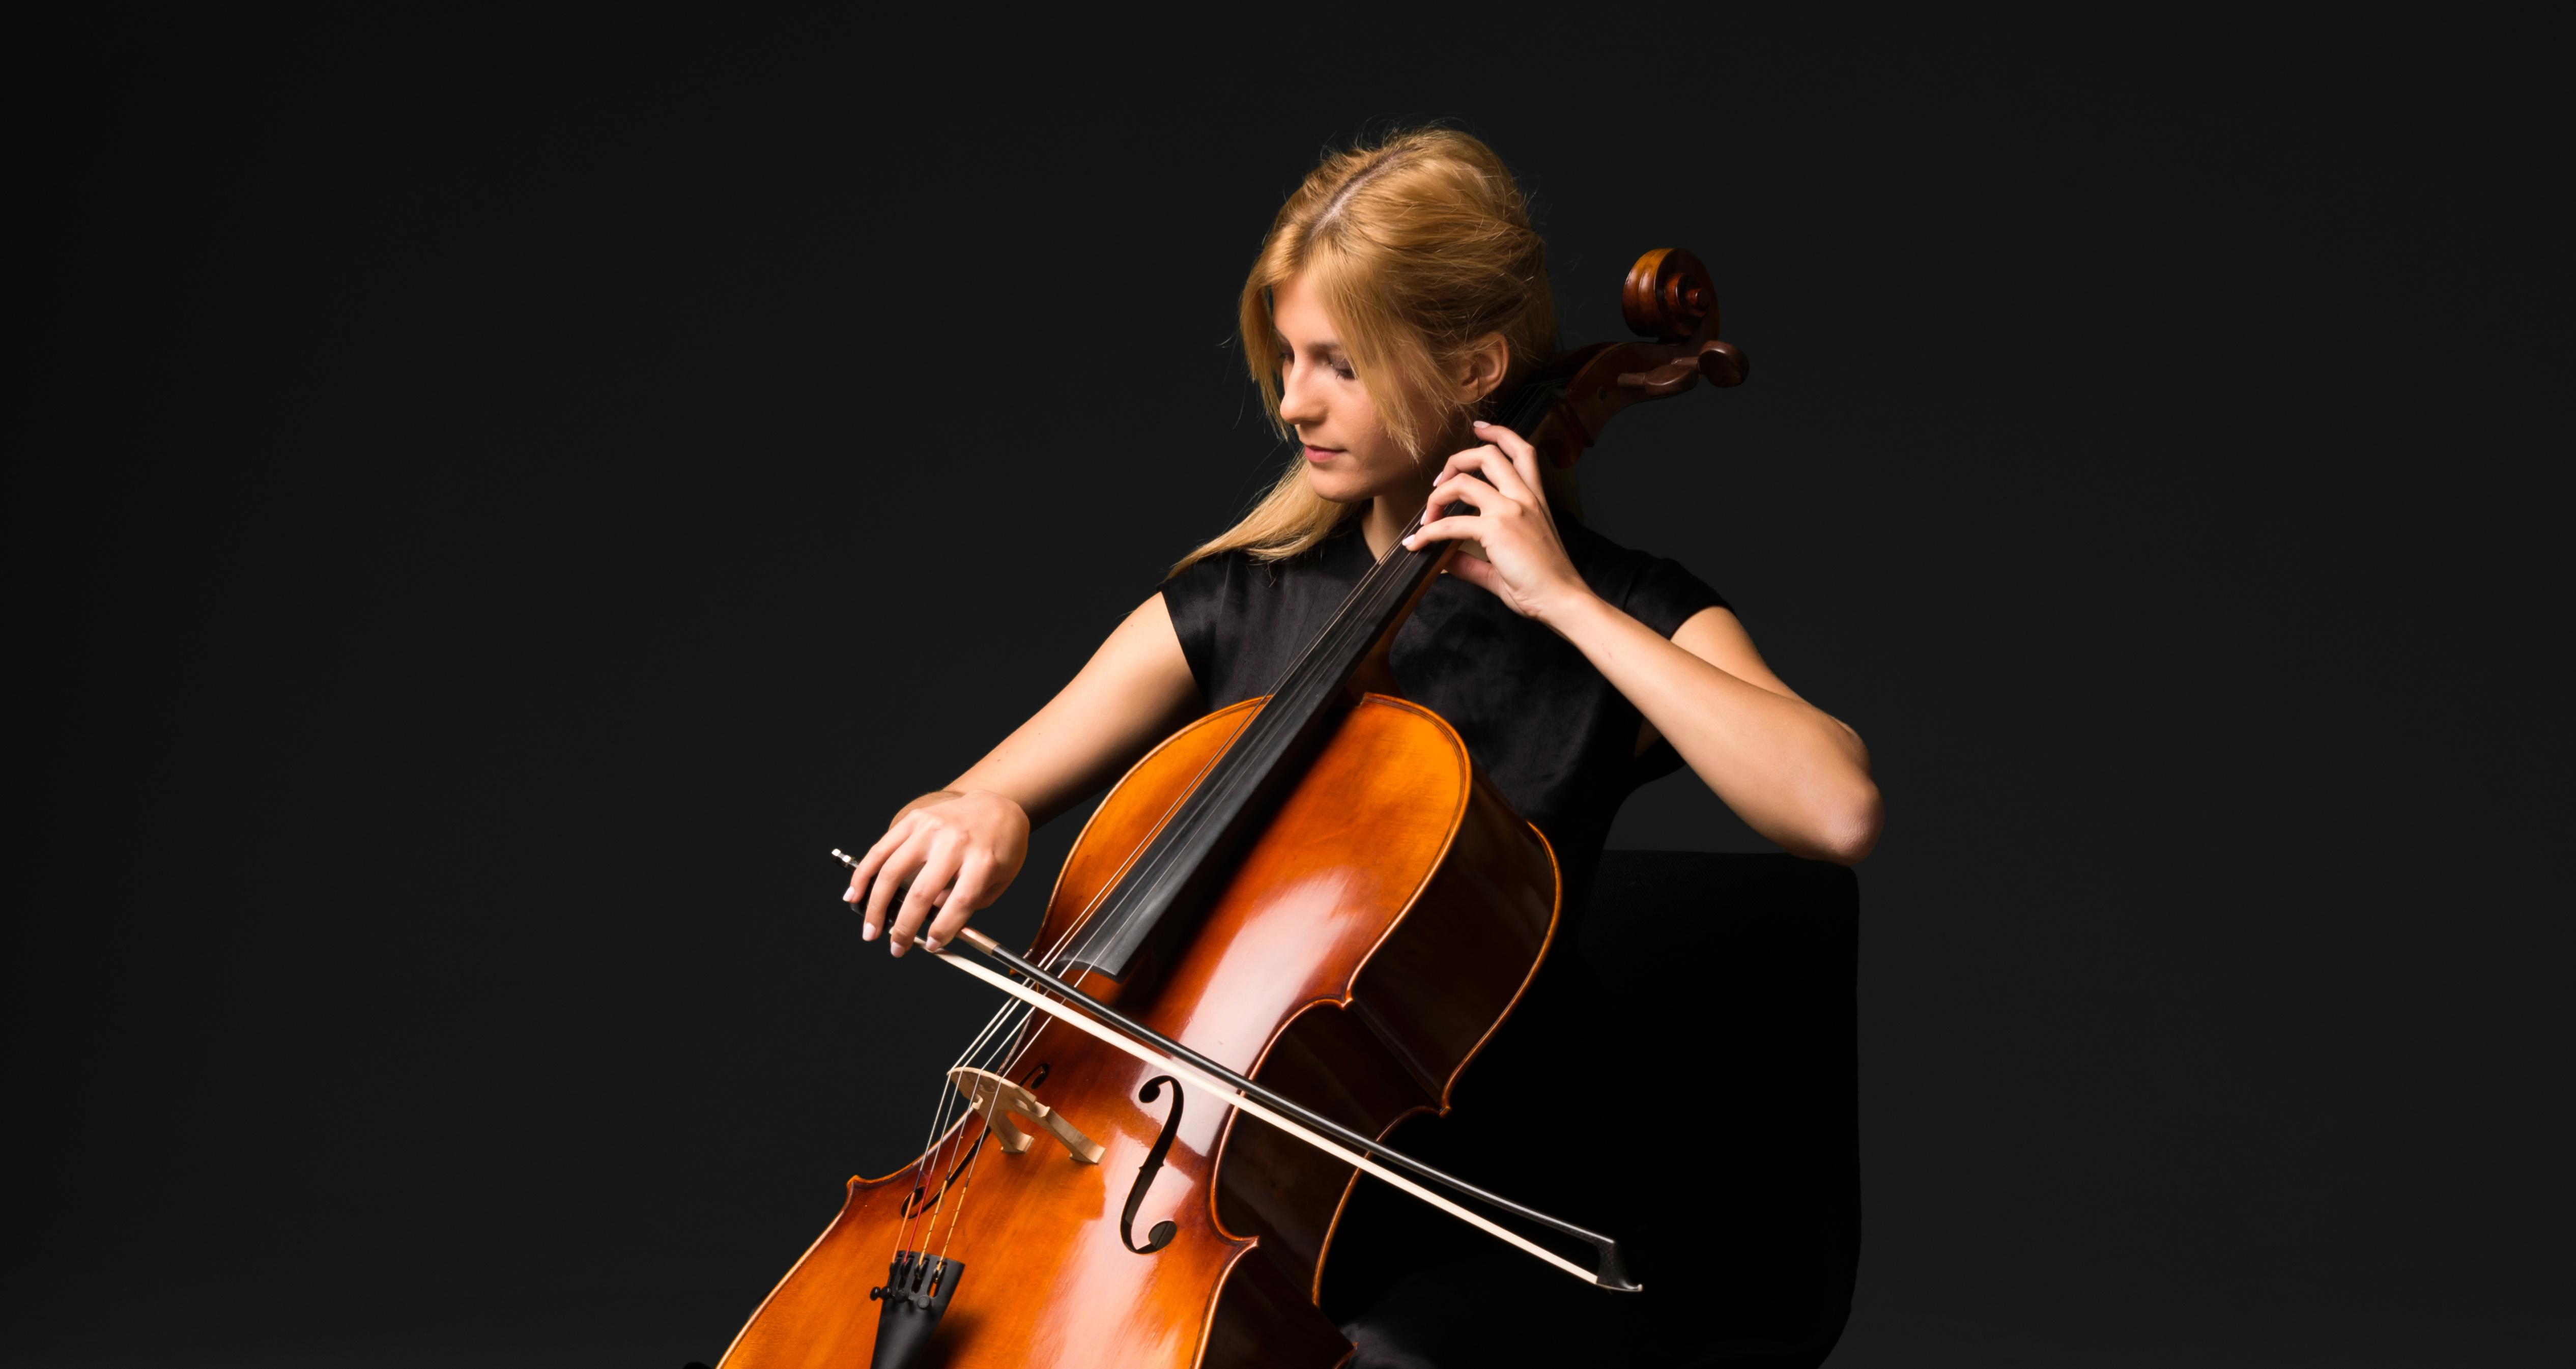 チェロを演奏する。